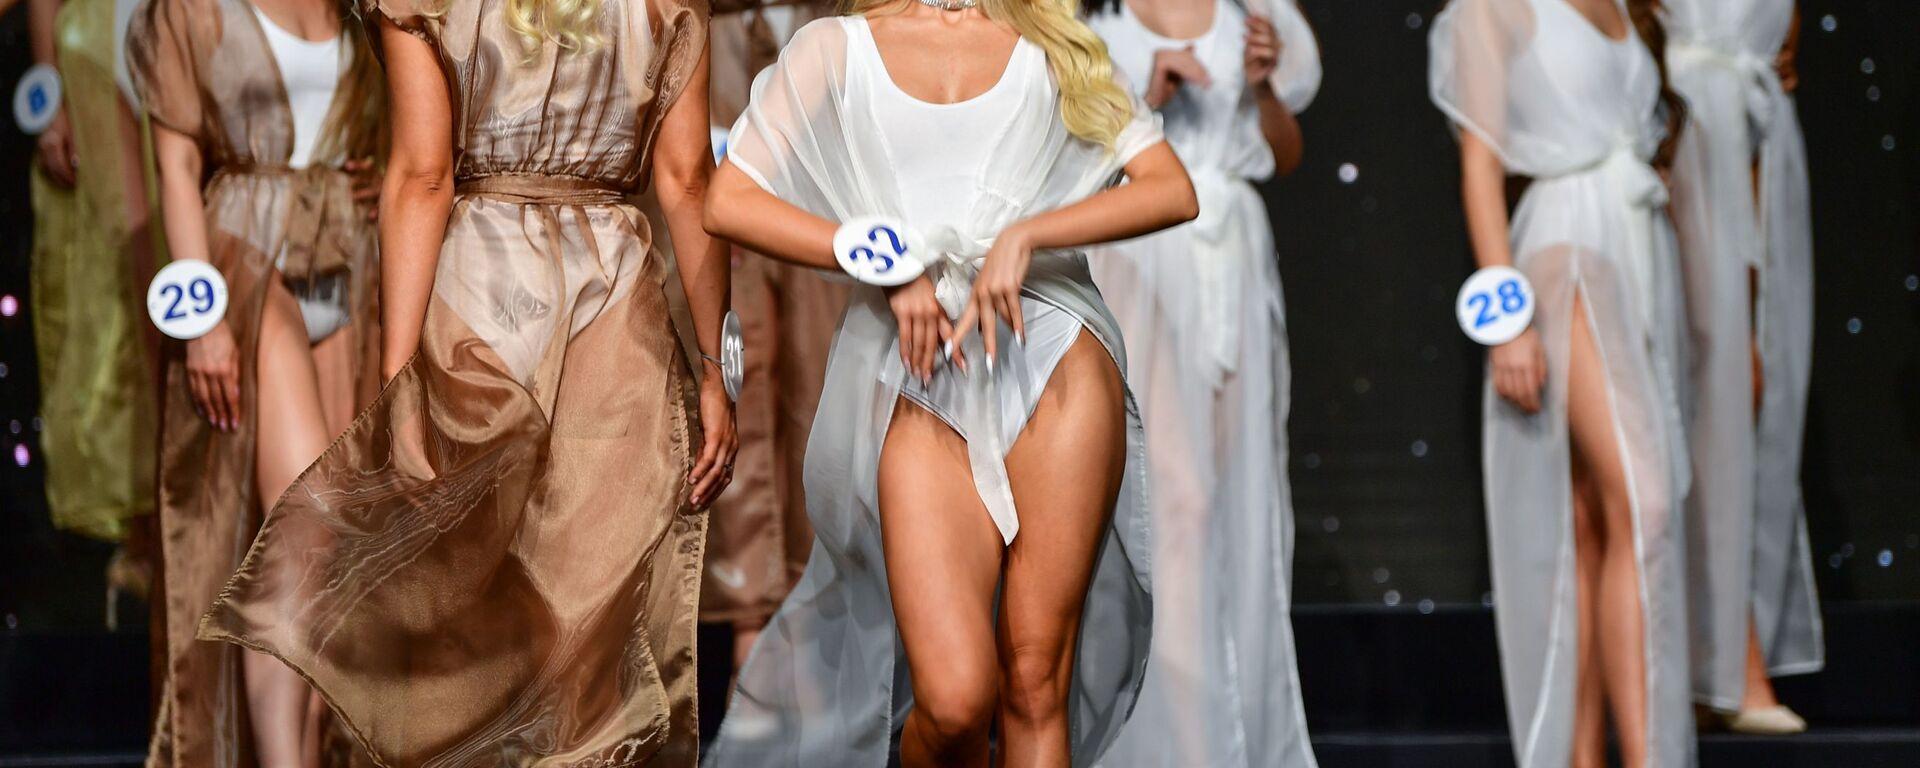 Участницы во время 25-го юбилейного конкурса красоты Мисс Москва 2021 в театре Et Cetera - Sputnik Ўзбекистон, 1920, 02.07.2021